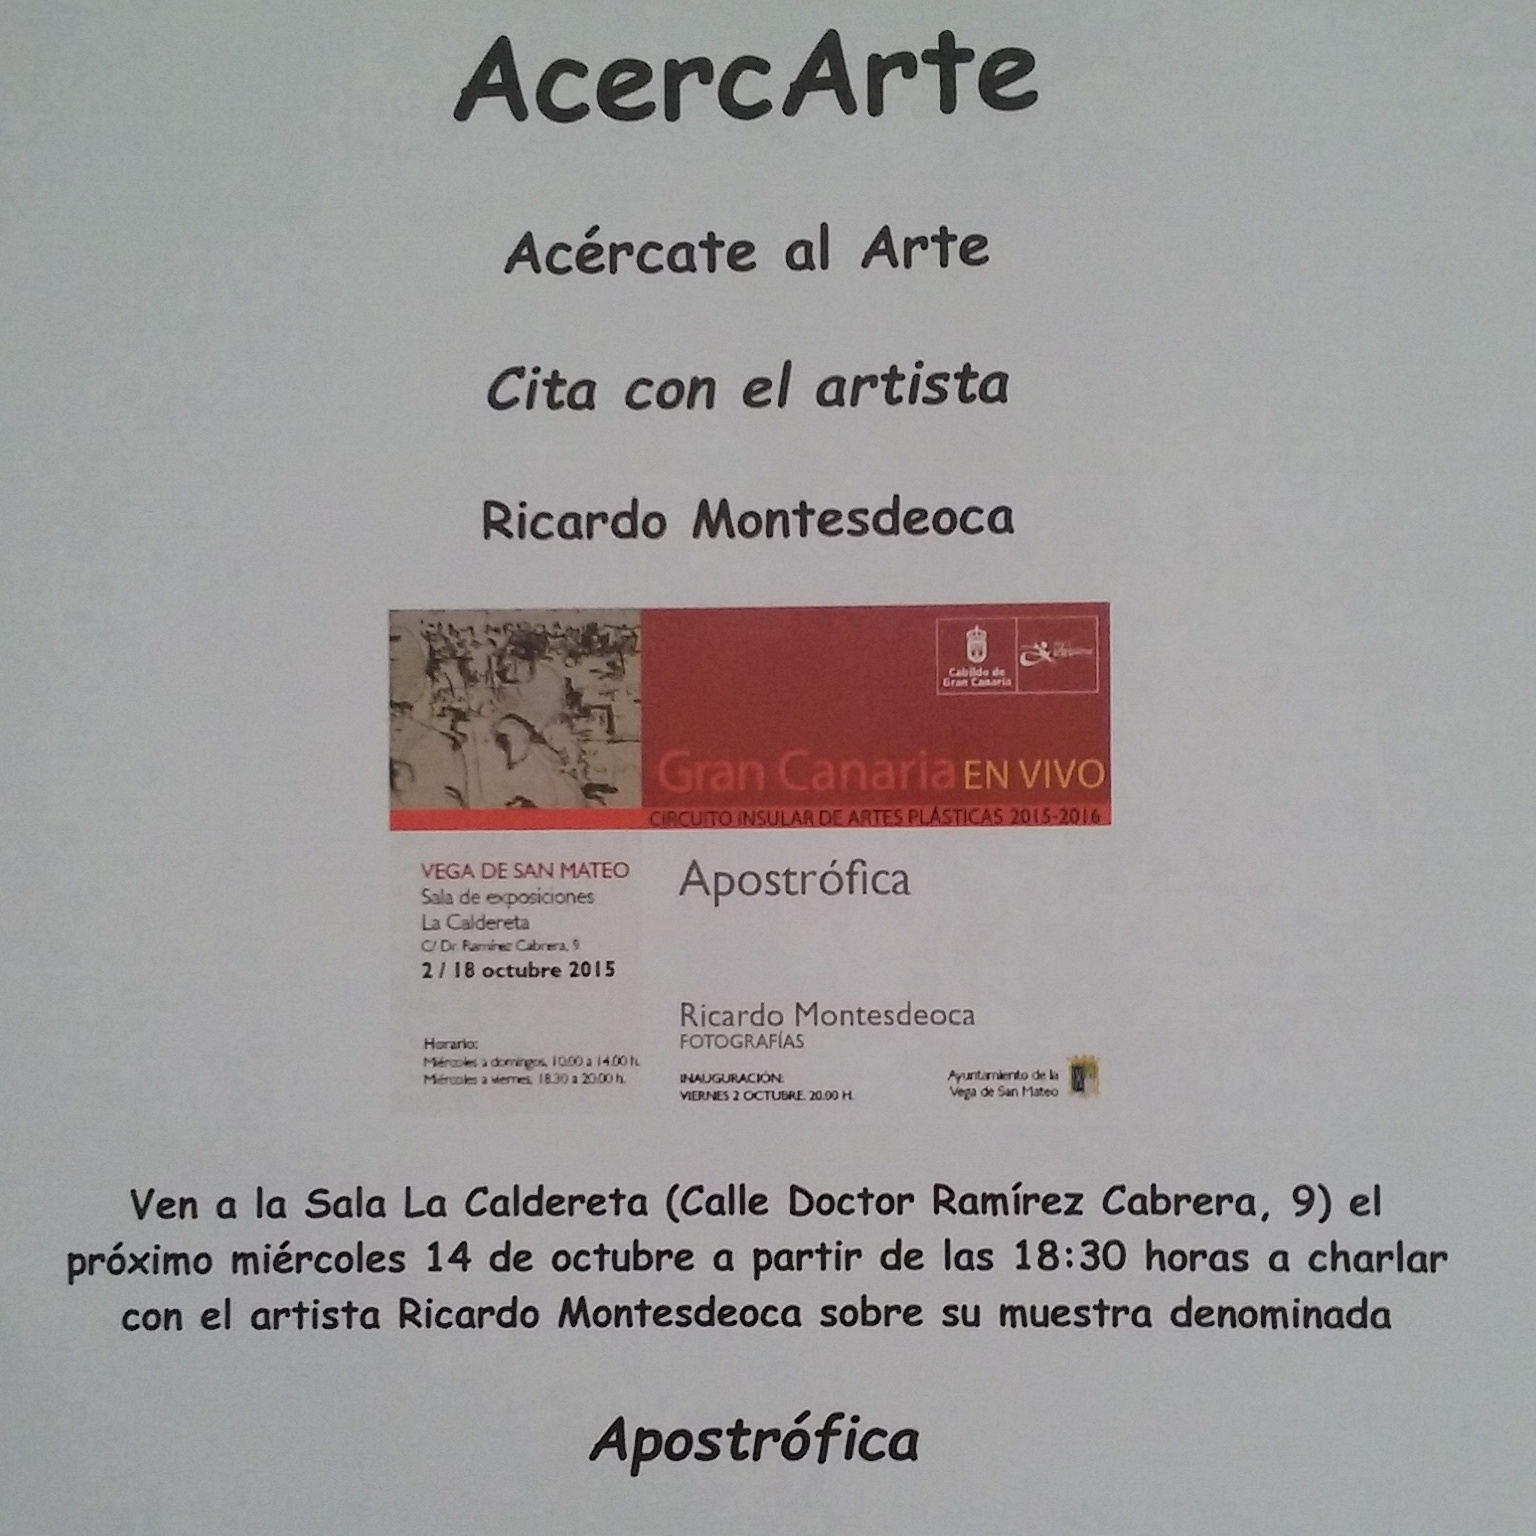 Cita con el Artista Ricardo Montesdeoca